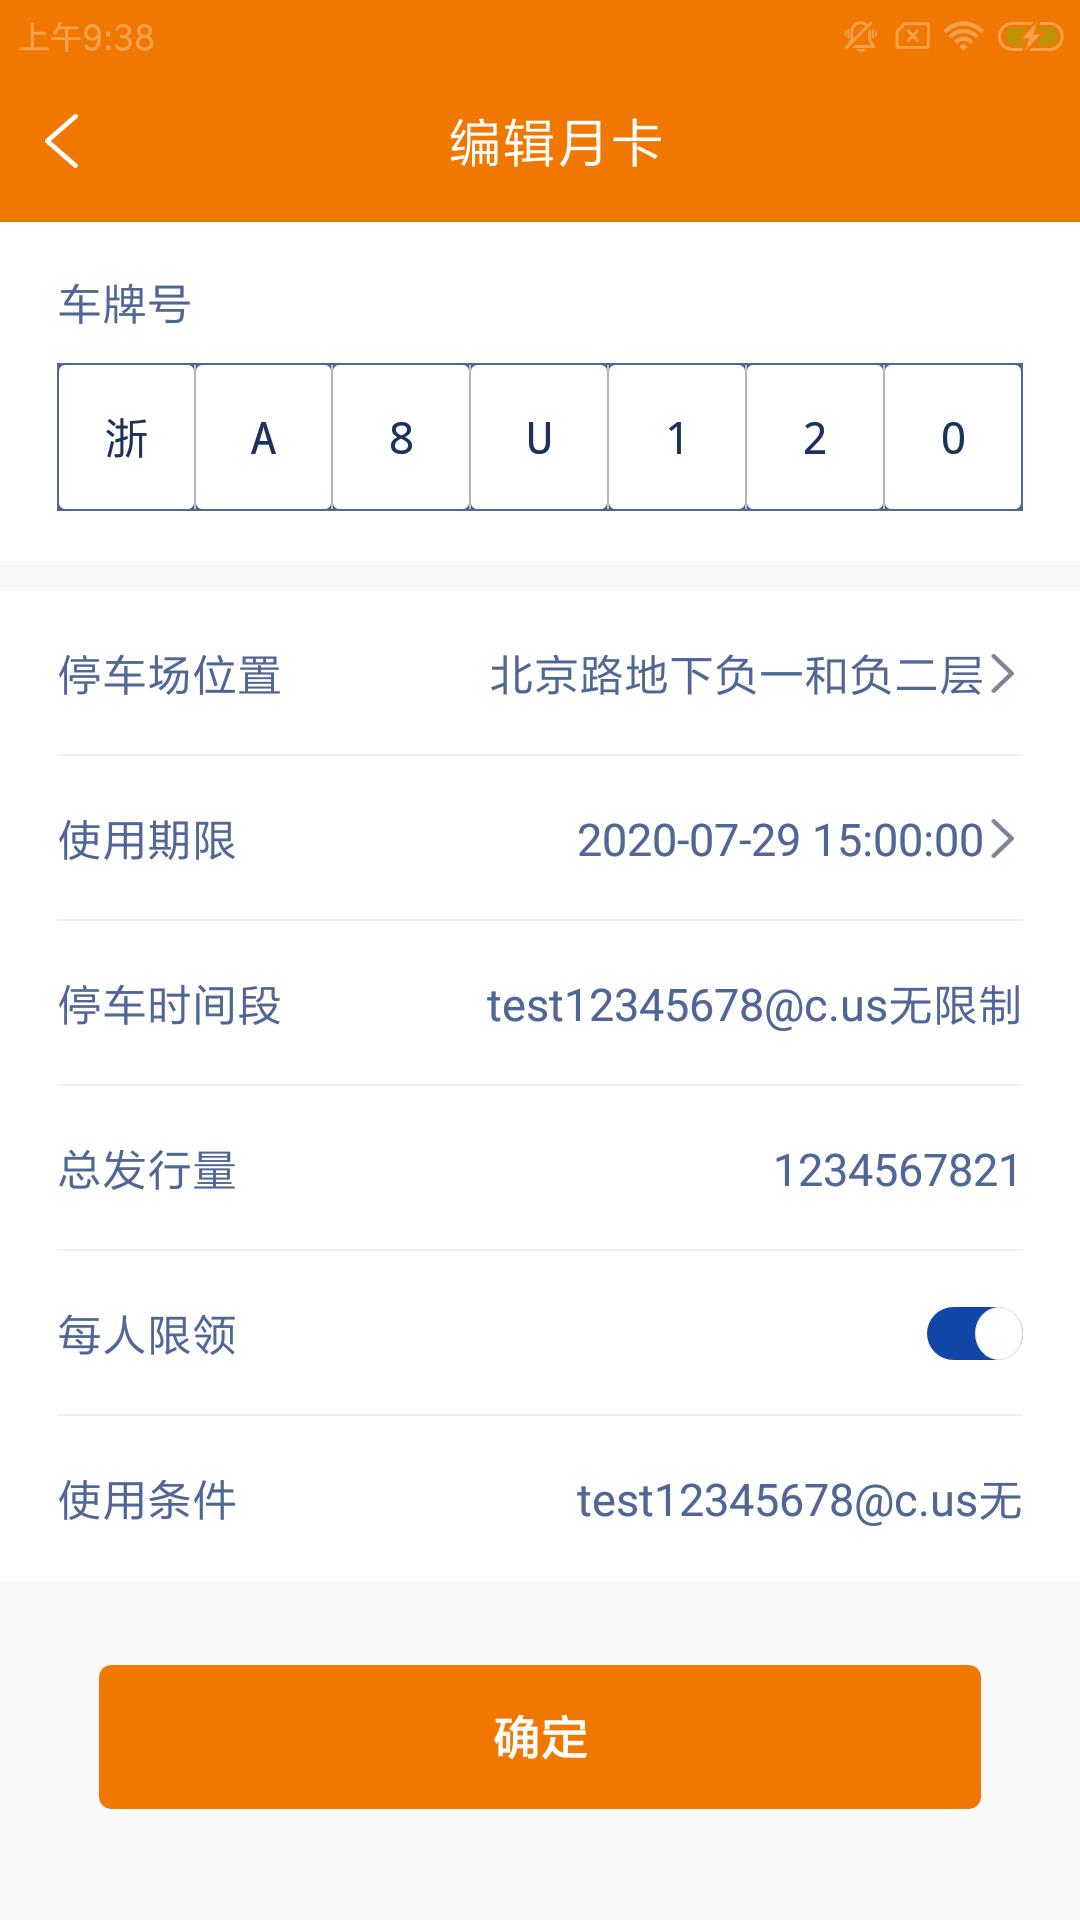 乐宇捷场管 V1.0.0 安卓版截图1